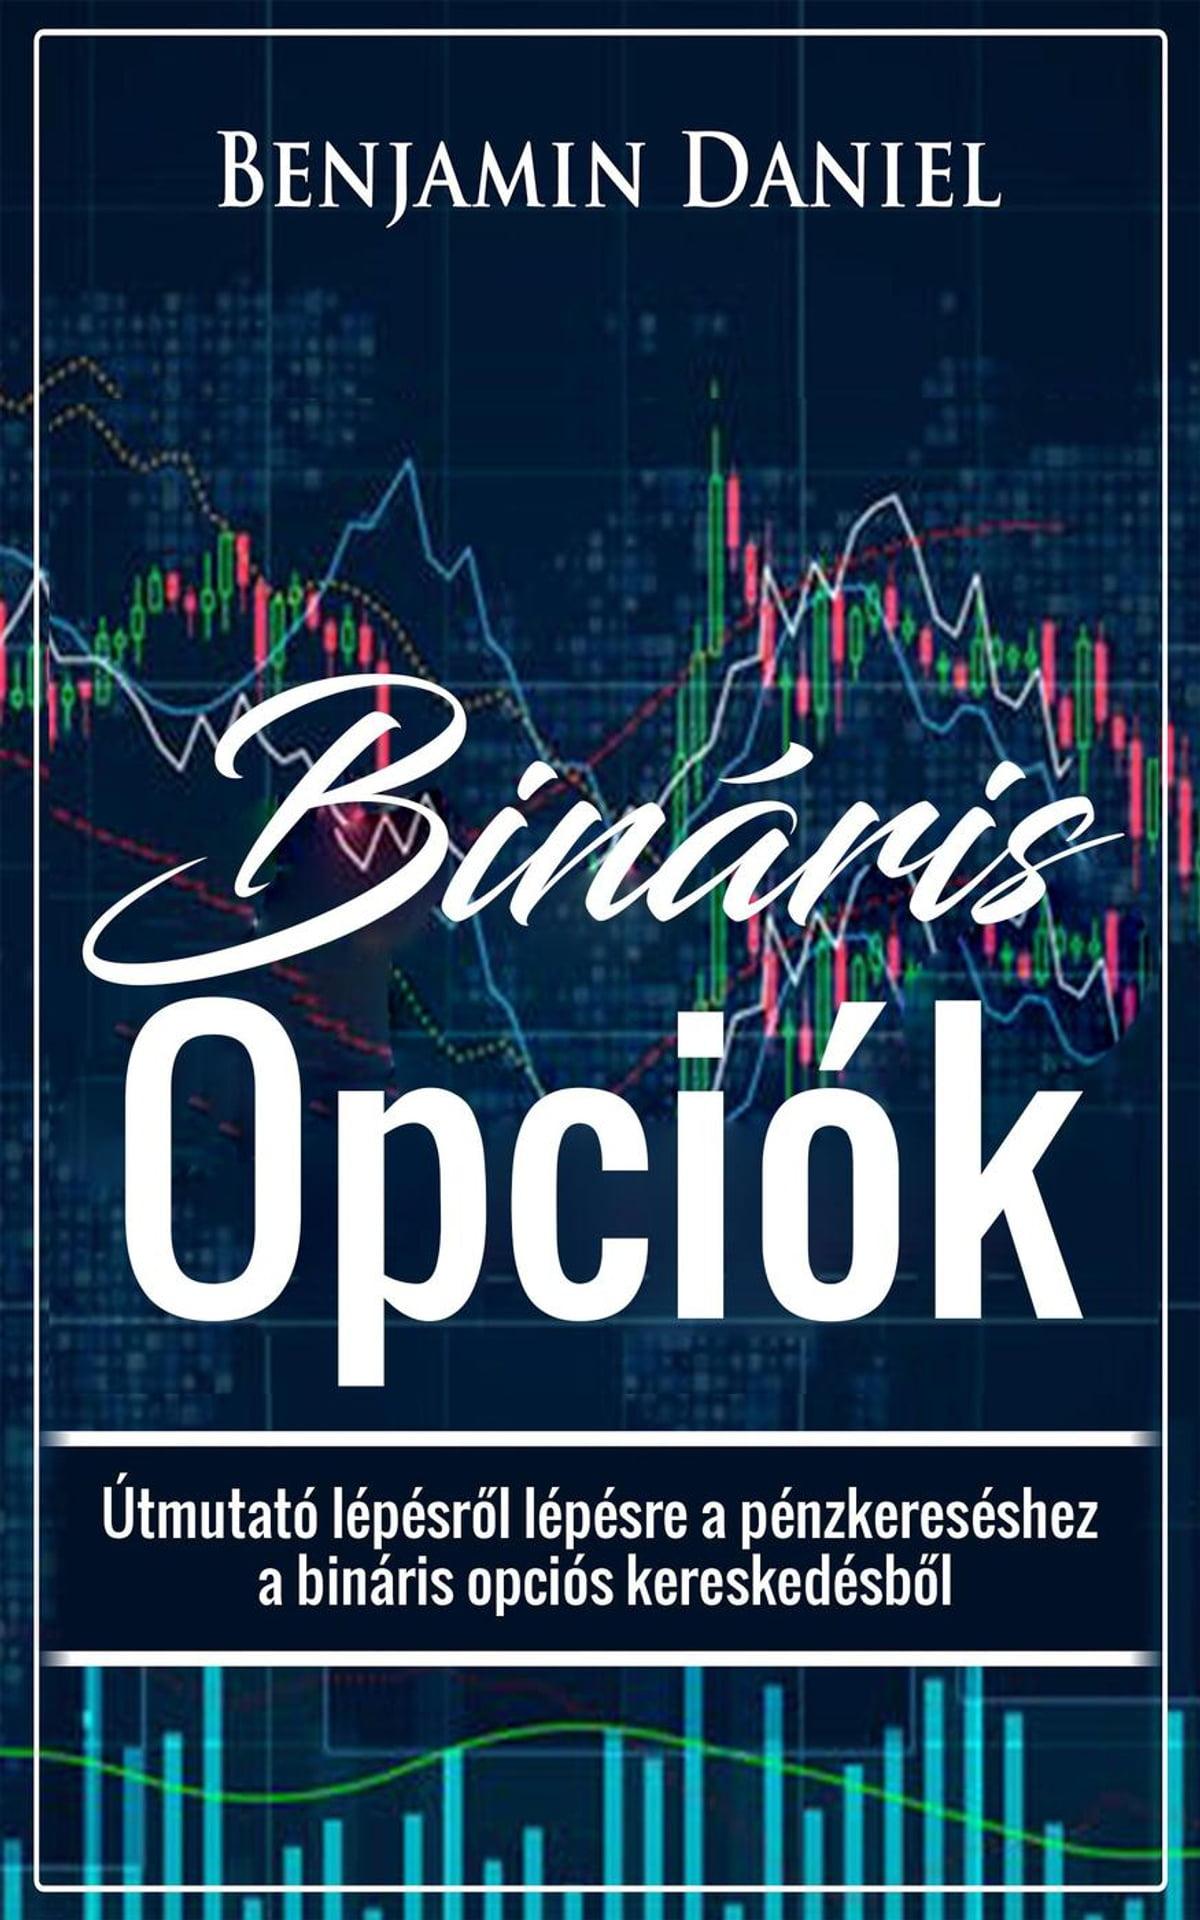 kereskedés vagy befektetés bináris opciók a szatoszihoz